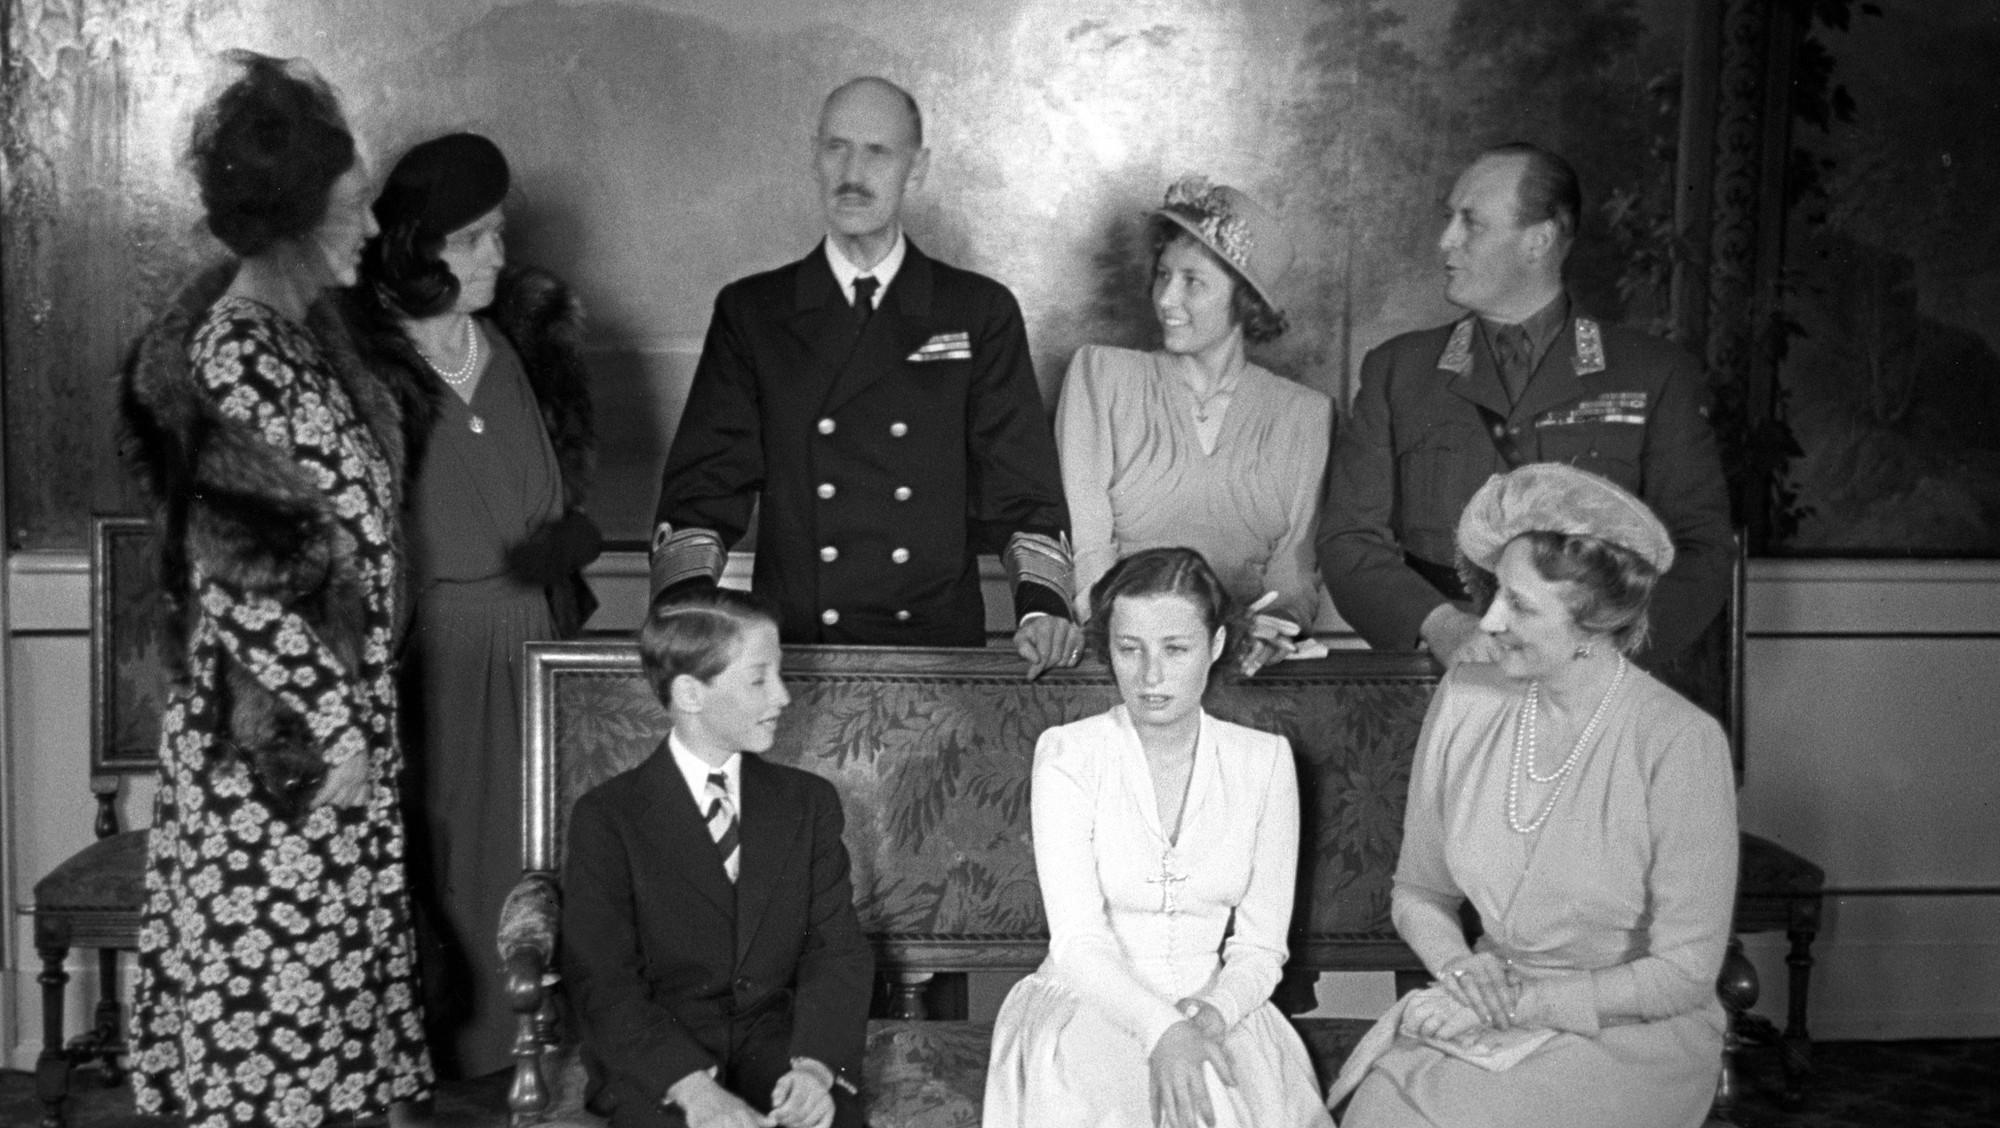 Конфирмация принцессы ( слево направо, стоят — датская принцесса Margaretha, принцесса Margrethe av Bourbon, король Haakon, принцесса Astrid, кронпринц Olav, сидят принц Harald, принцесса Ragnhild и кронпринцесса Märtha)